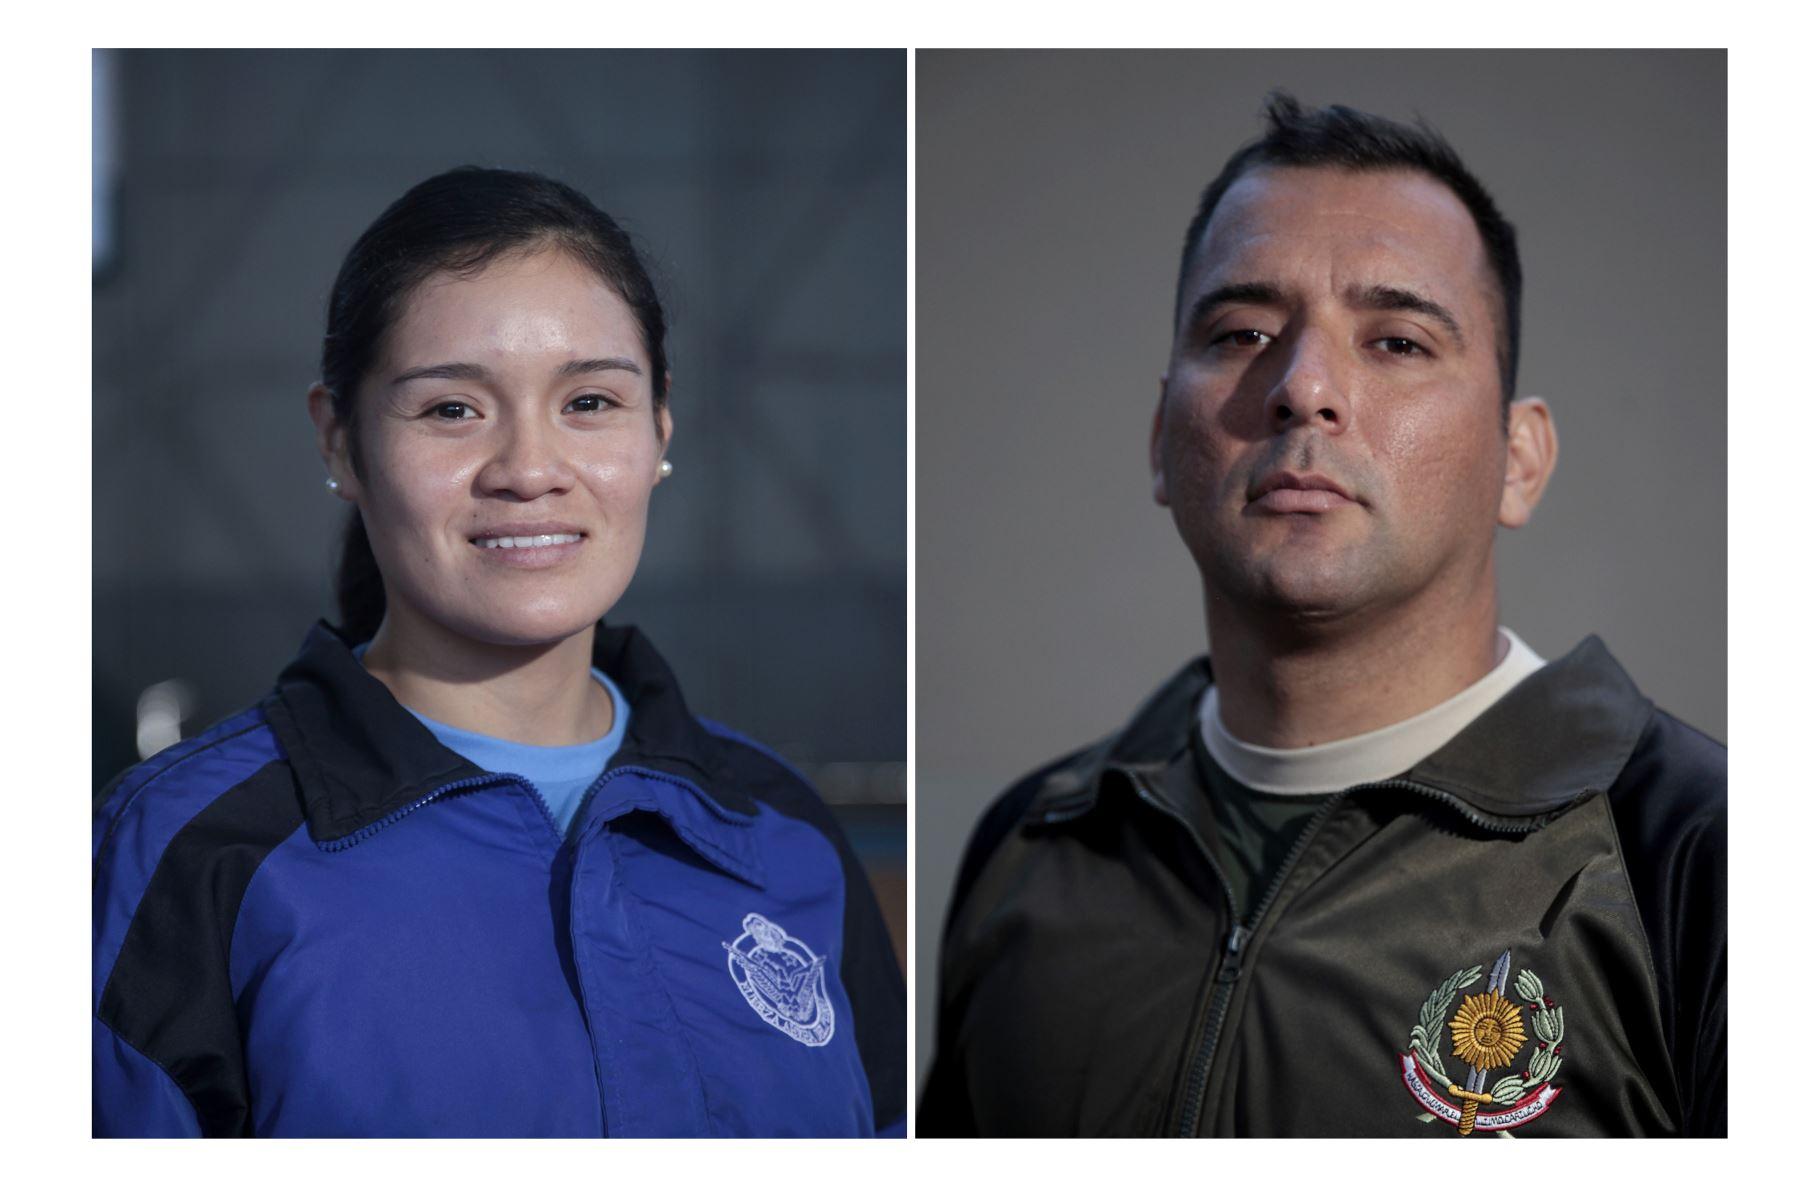 Deportistas militares clasificados a los Juegos Panamericanos Lima 2019. Liz Carrión Villanueva y Frank Alvarado Alegría. Foto: ANDINA/Miguel Mejía Castro